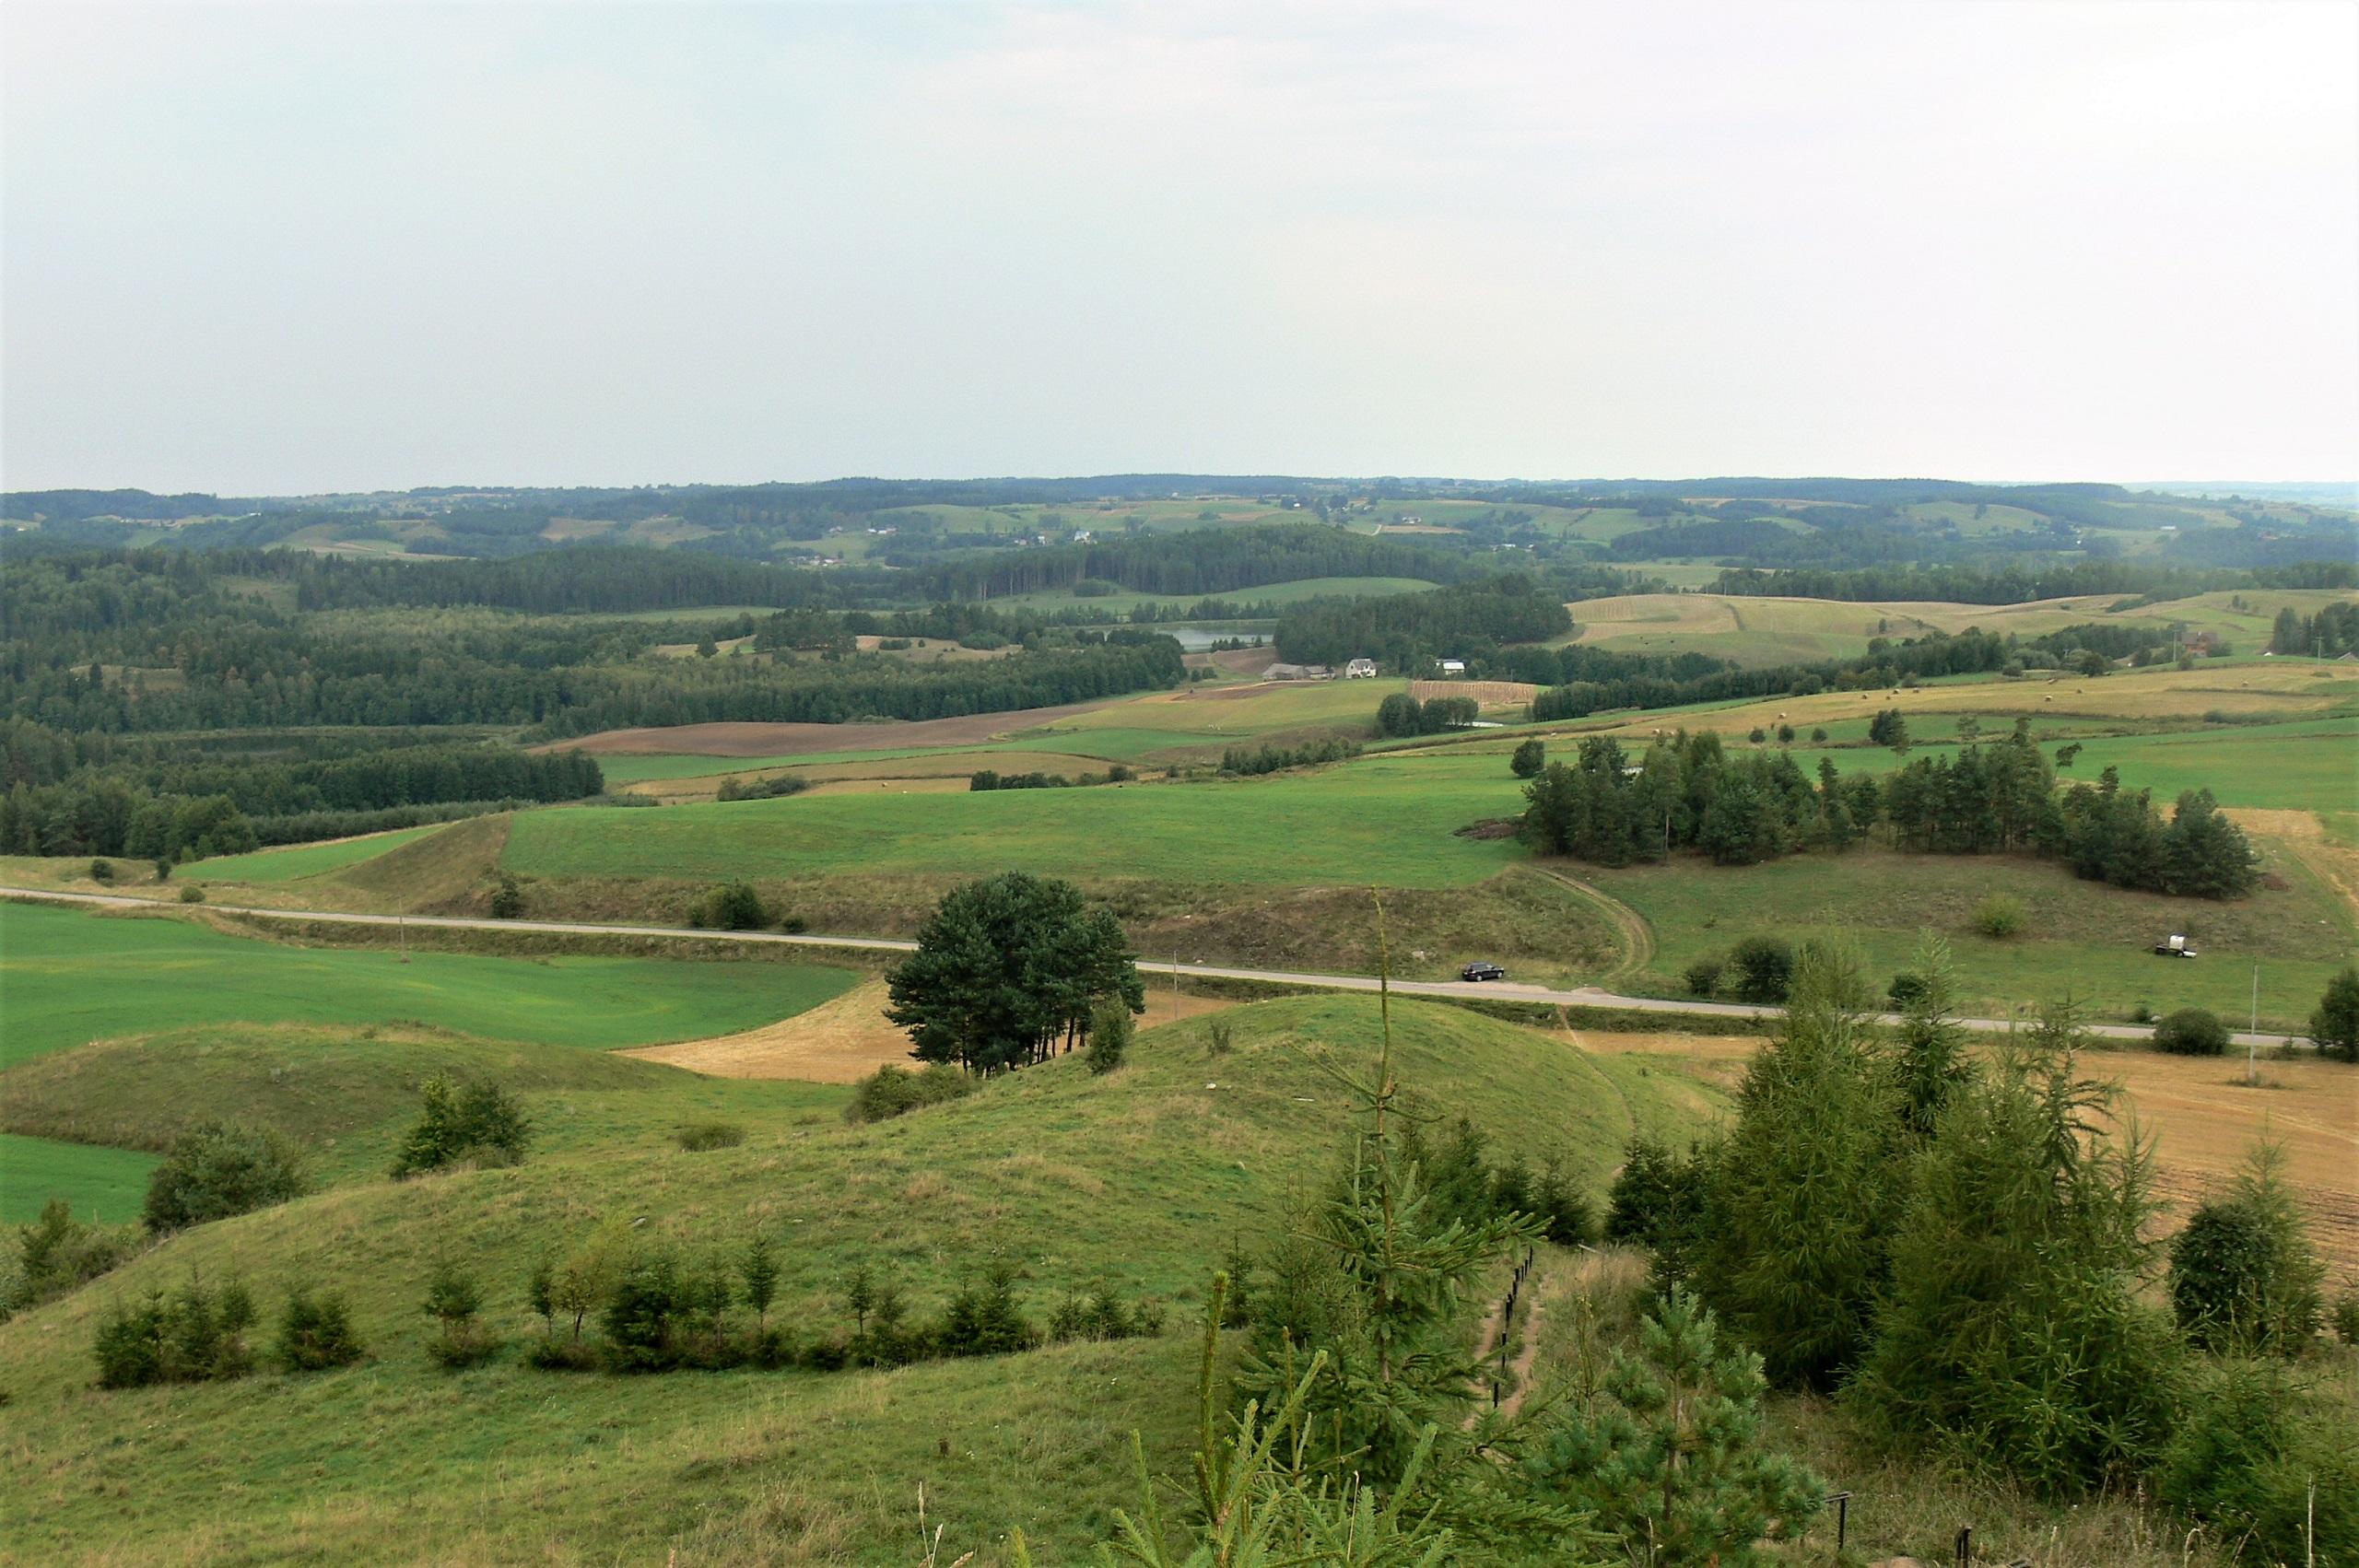 Polska - Suwalszczyzna - kuchnie świata. Autorka zdjęcia: Daria Strączyńska